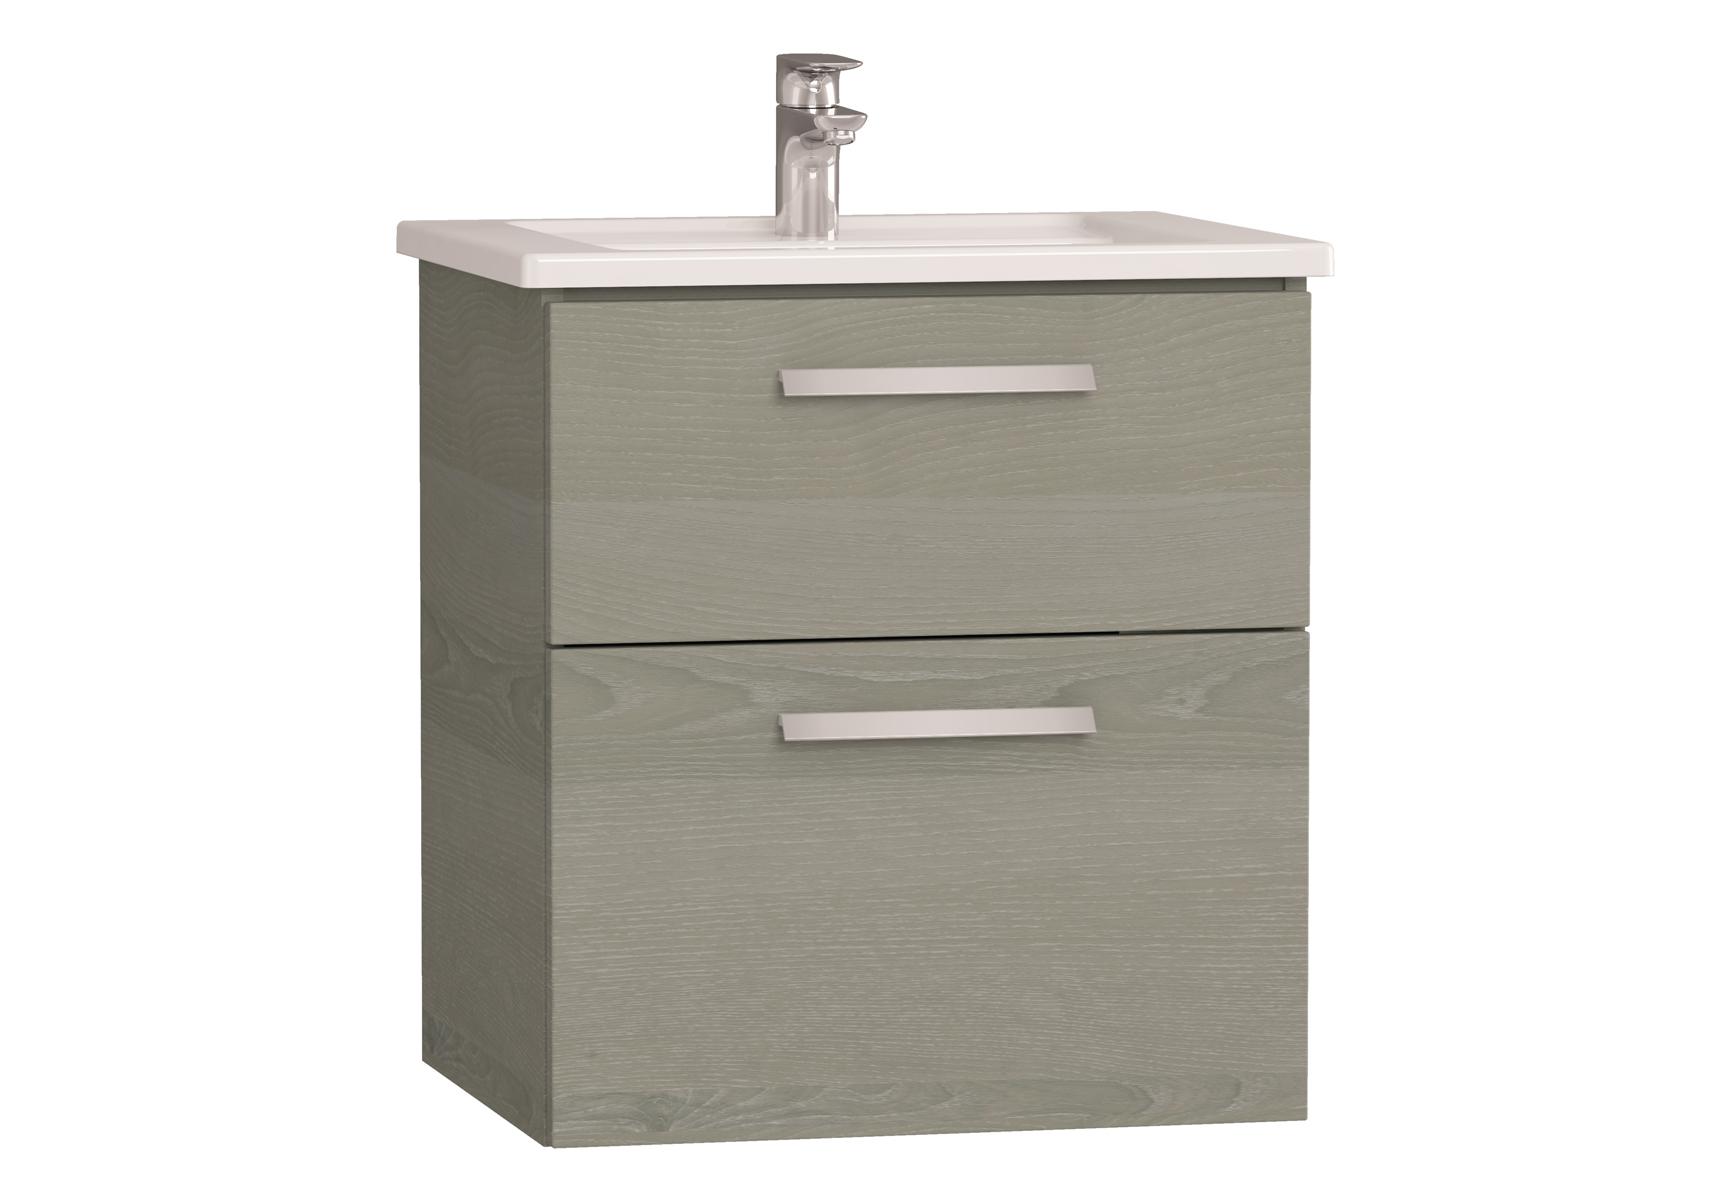 Integra meuble avec plan céramique avec deux tiroirs, 60 cm, chêne gris naturel